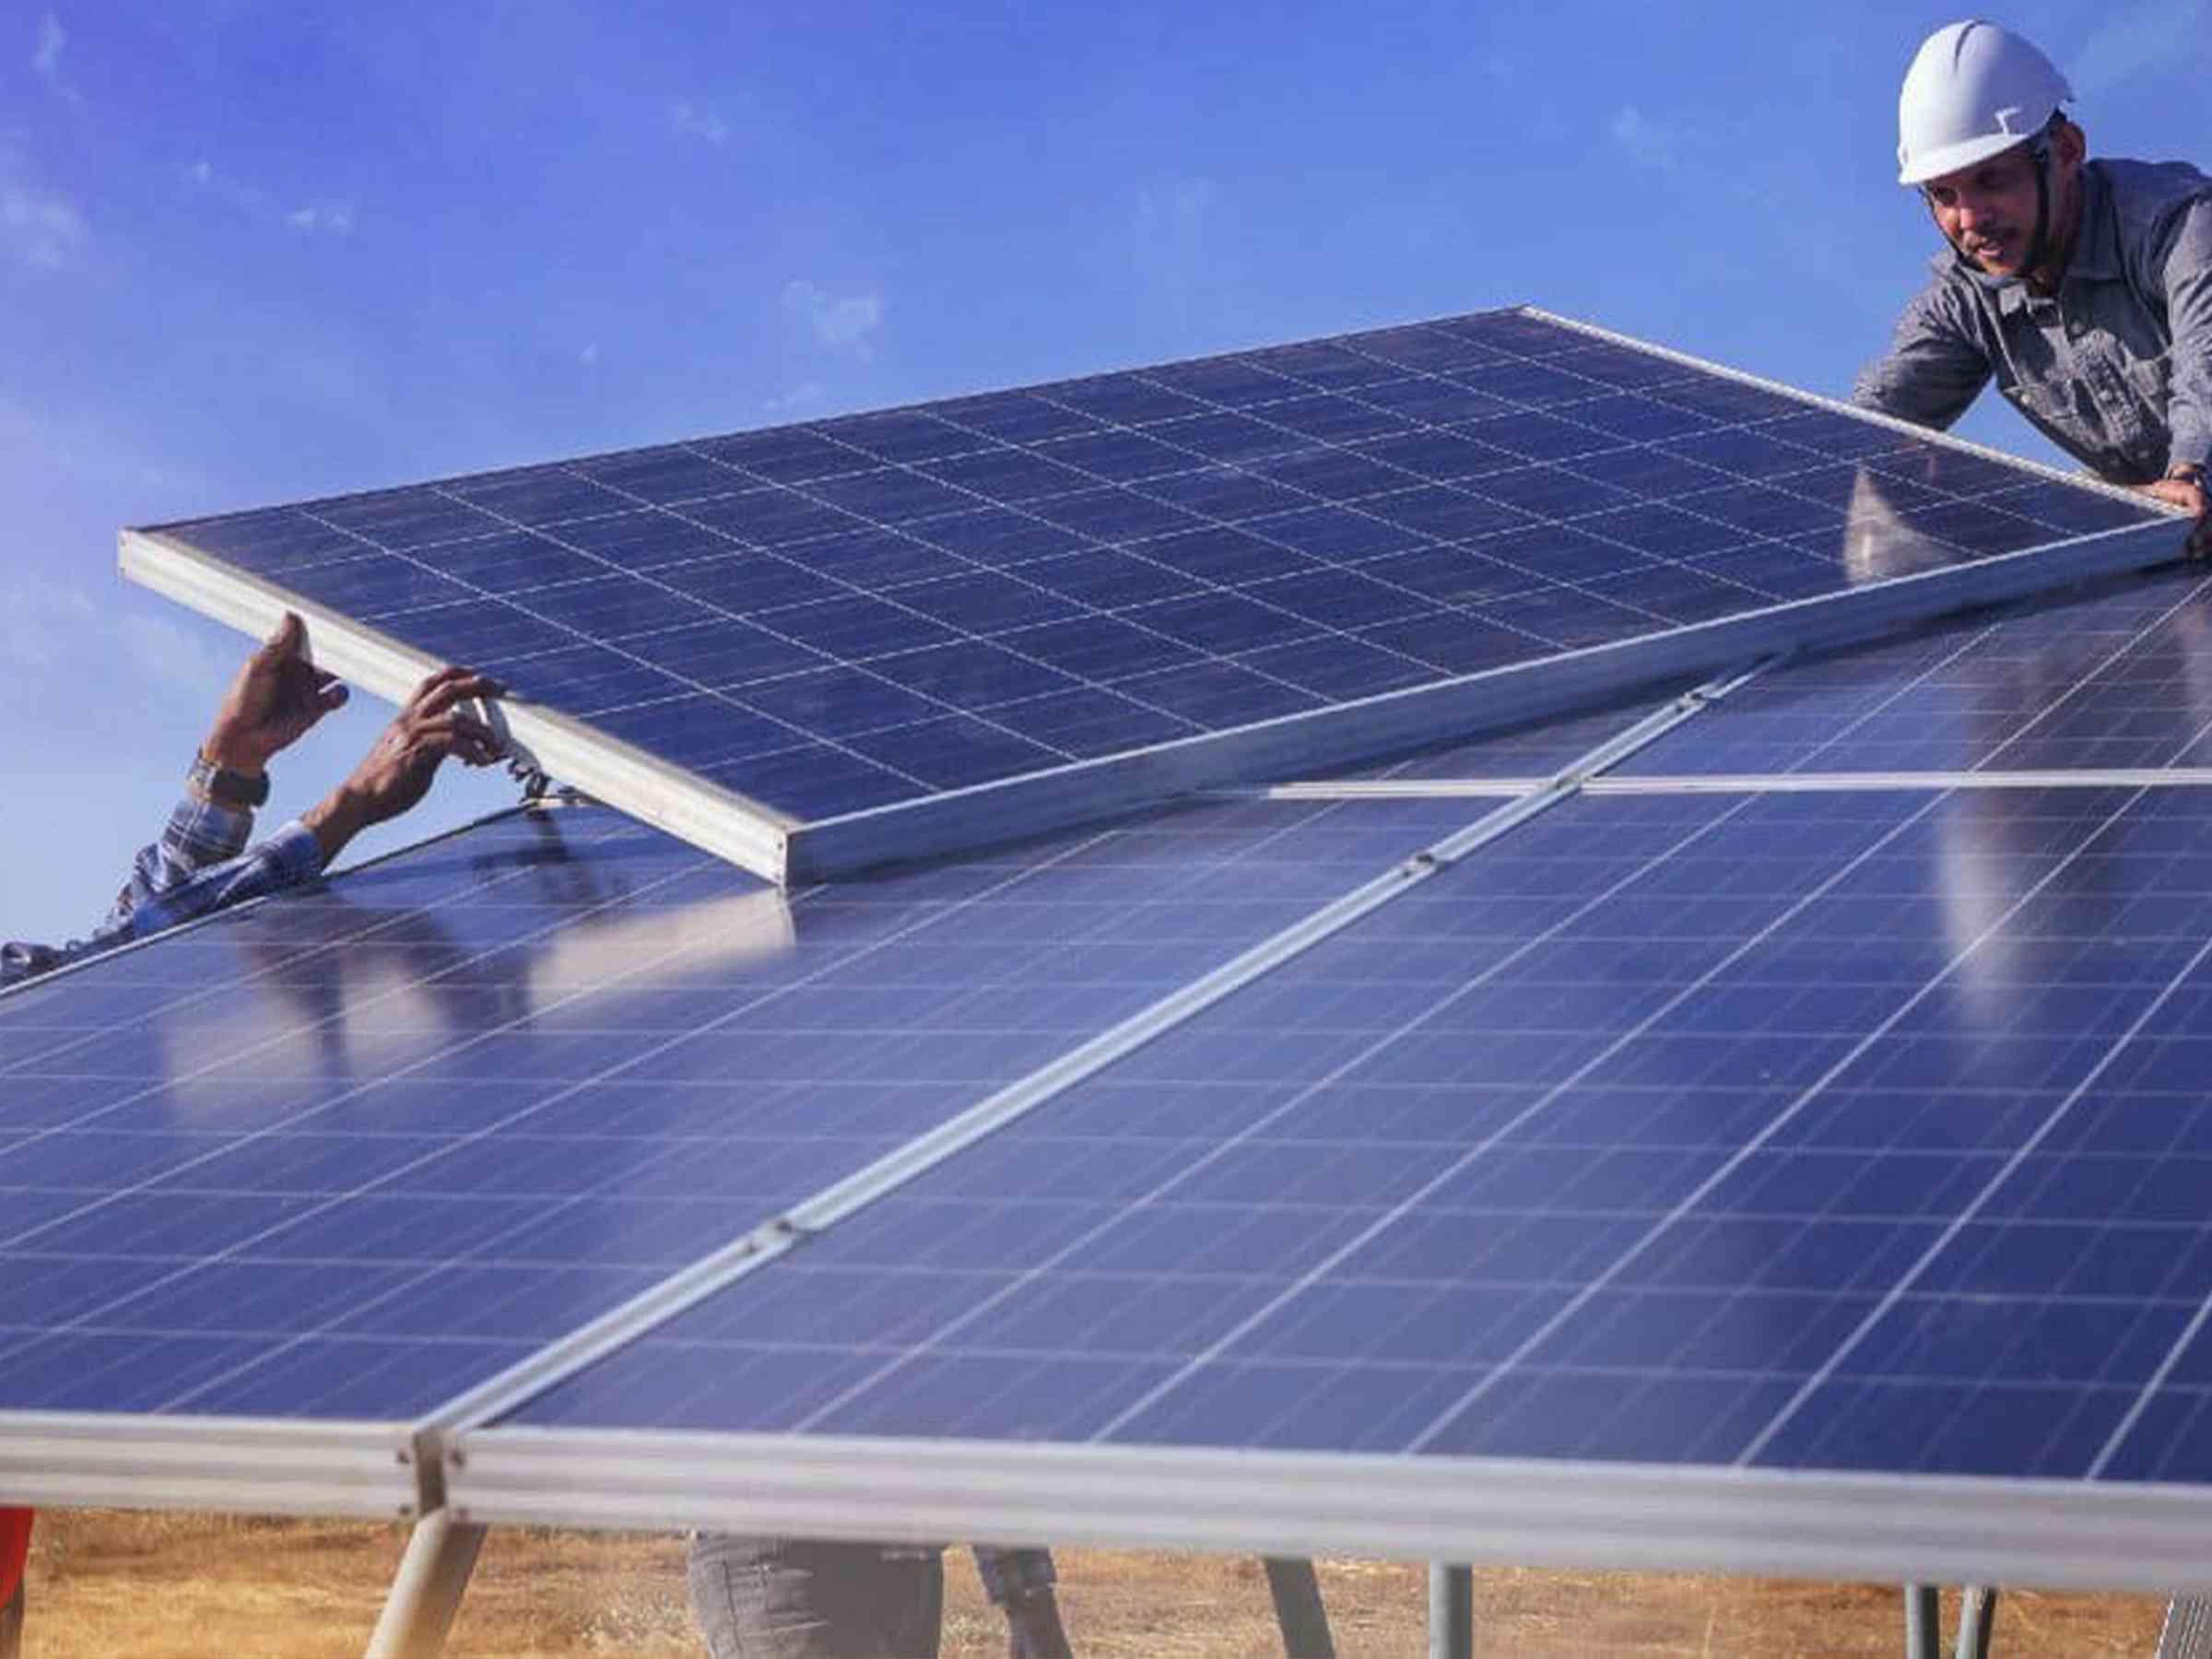 مطلوب مهندس حديث التخريج طاقة متجددة ،كهرباء او اي تخصص ذو صلة